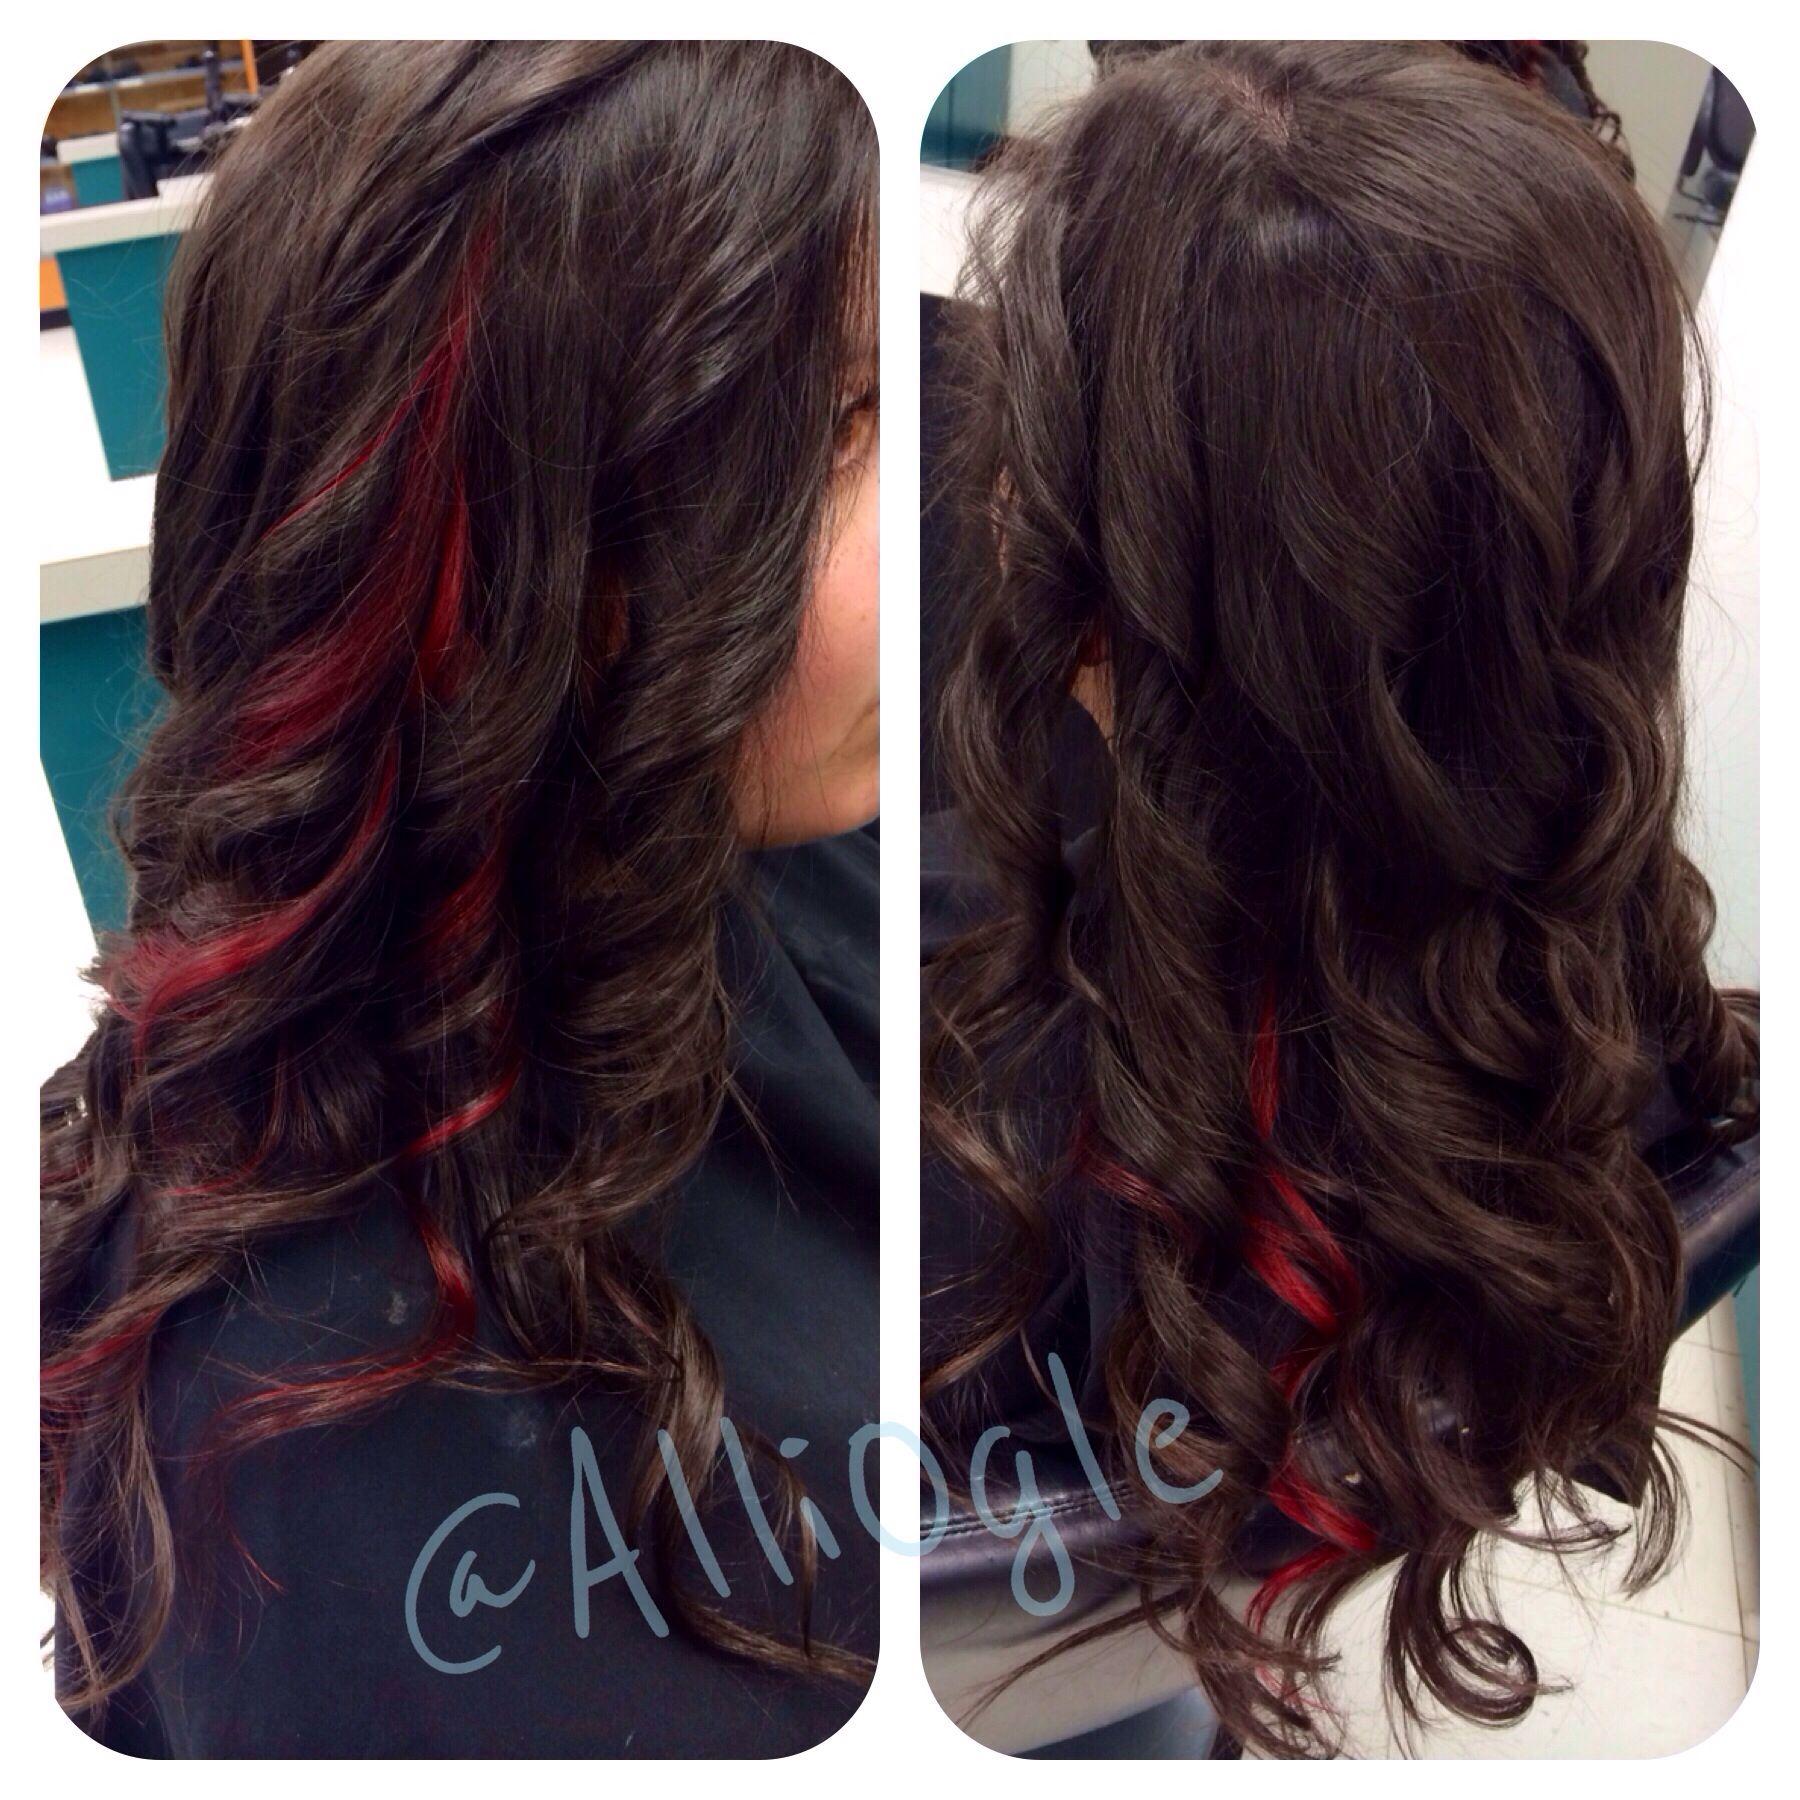 Pin By Annabella Lau On Hair Hair Styles Hair Red Brown Hair